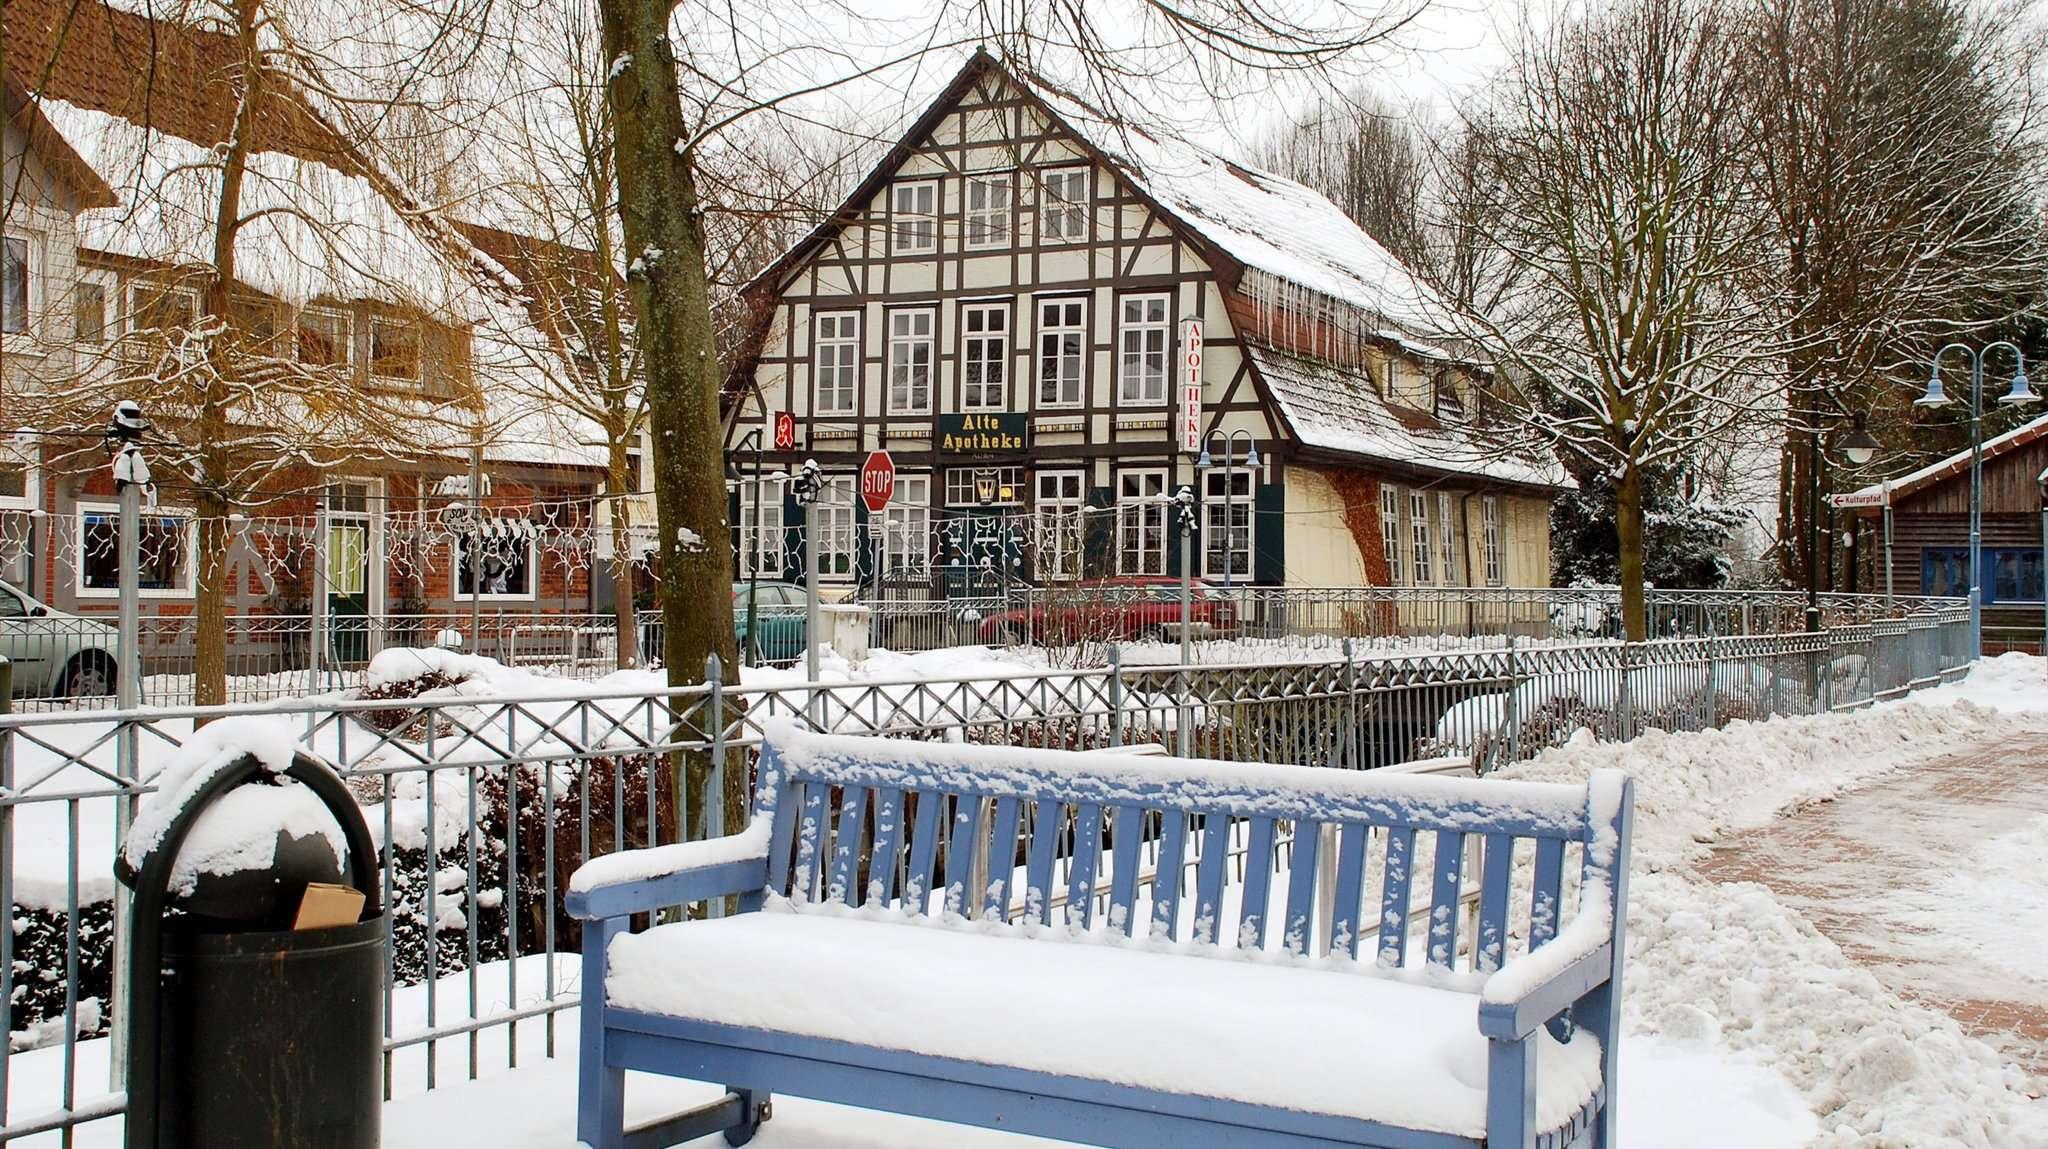 Viele Rotenburger wünschen sich Schneefall an Heiligabend, doch dafür muss es kalt sein.